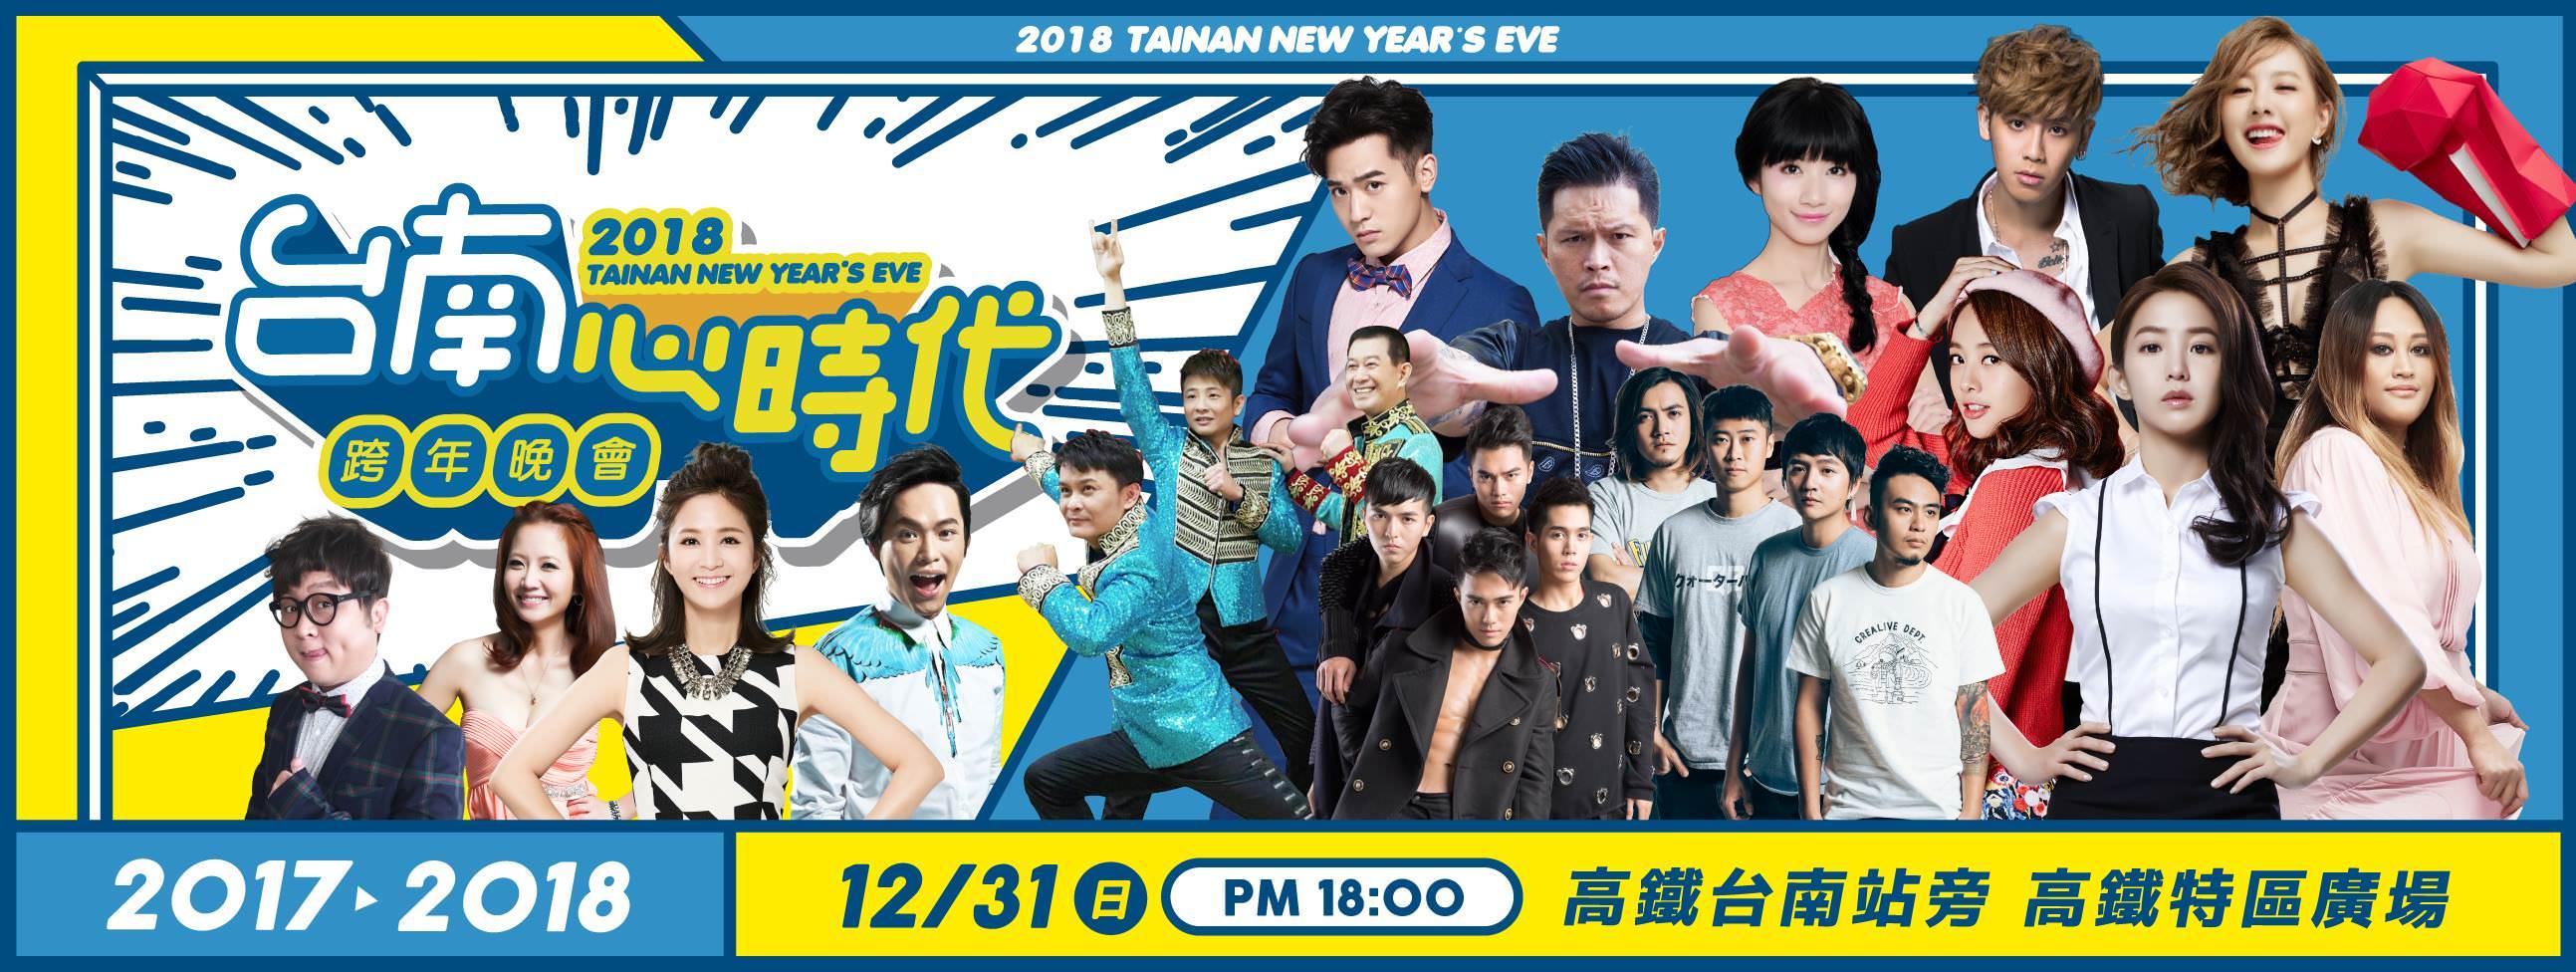 2019台南跨年晚會、卡司陣容、交通資訊